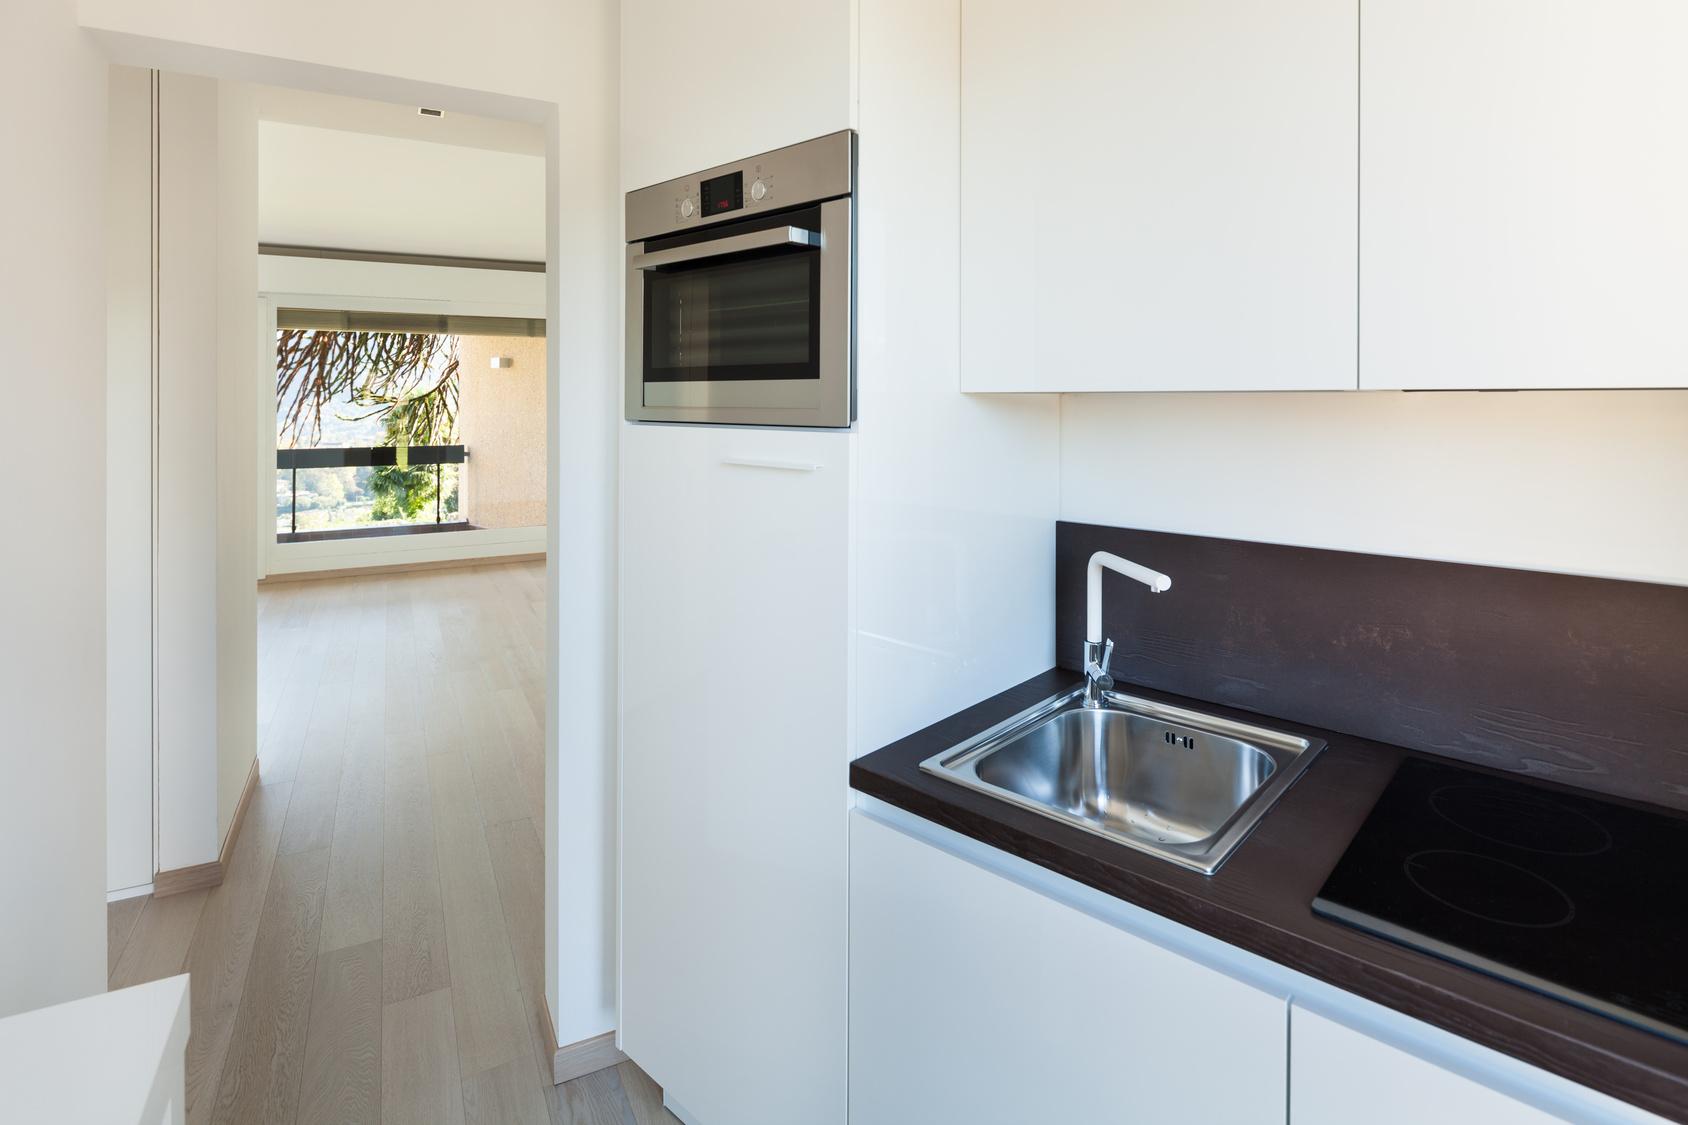 Full Size of Interiors Building, Modern Apartment, Kitchen View Küche Kleine Einbauküche